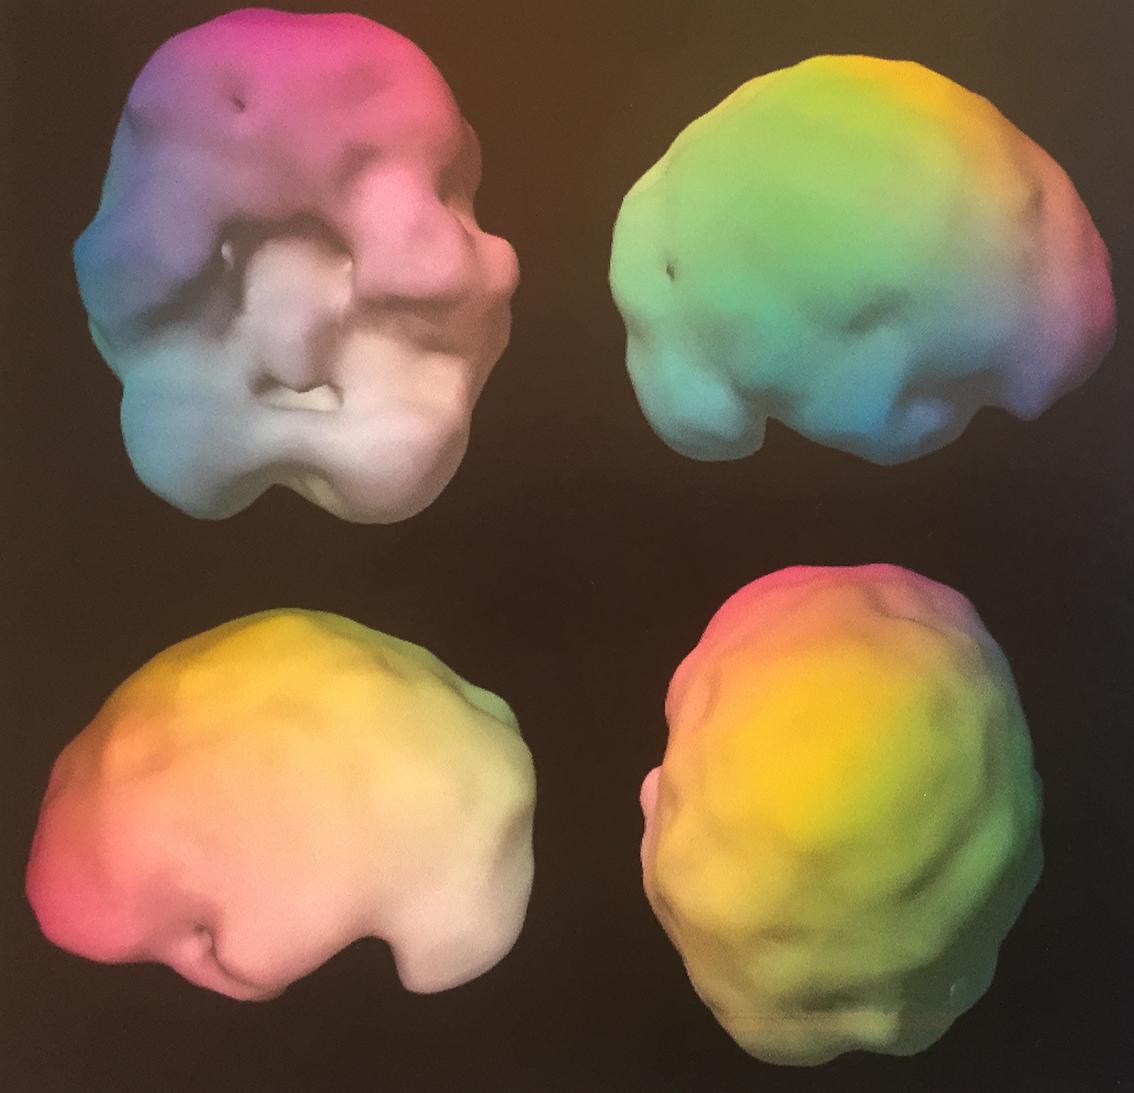 SPECT scanning af hjernen: Underaktivitet efter hjernerystelse ses her på frontal-lap, venste tindinge-lap og omkring hjernestammen.